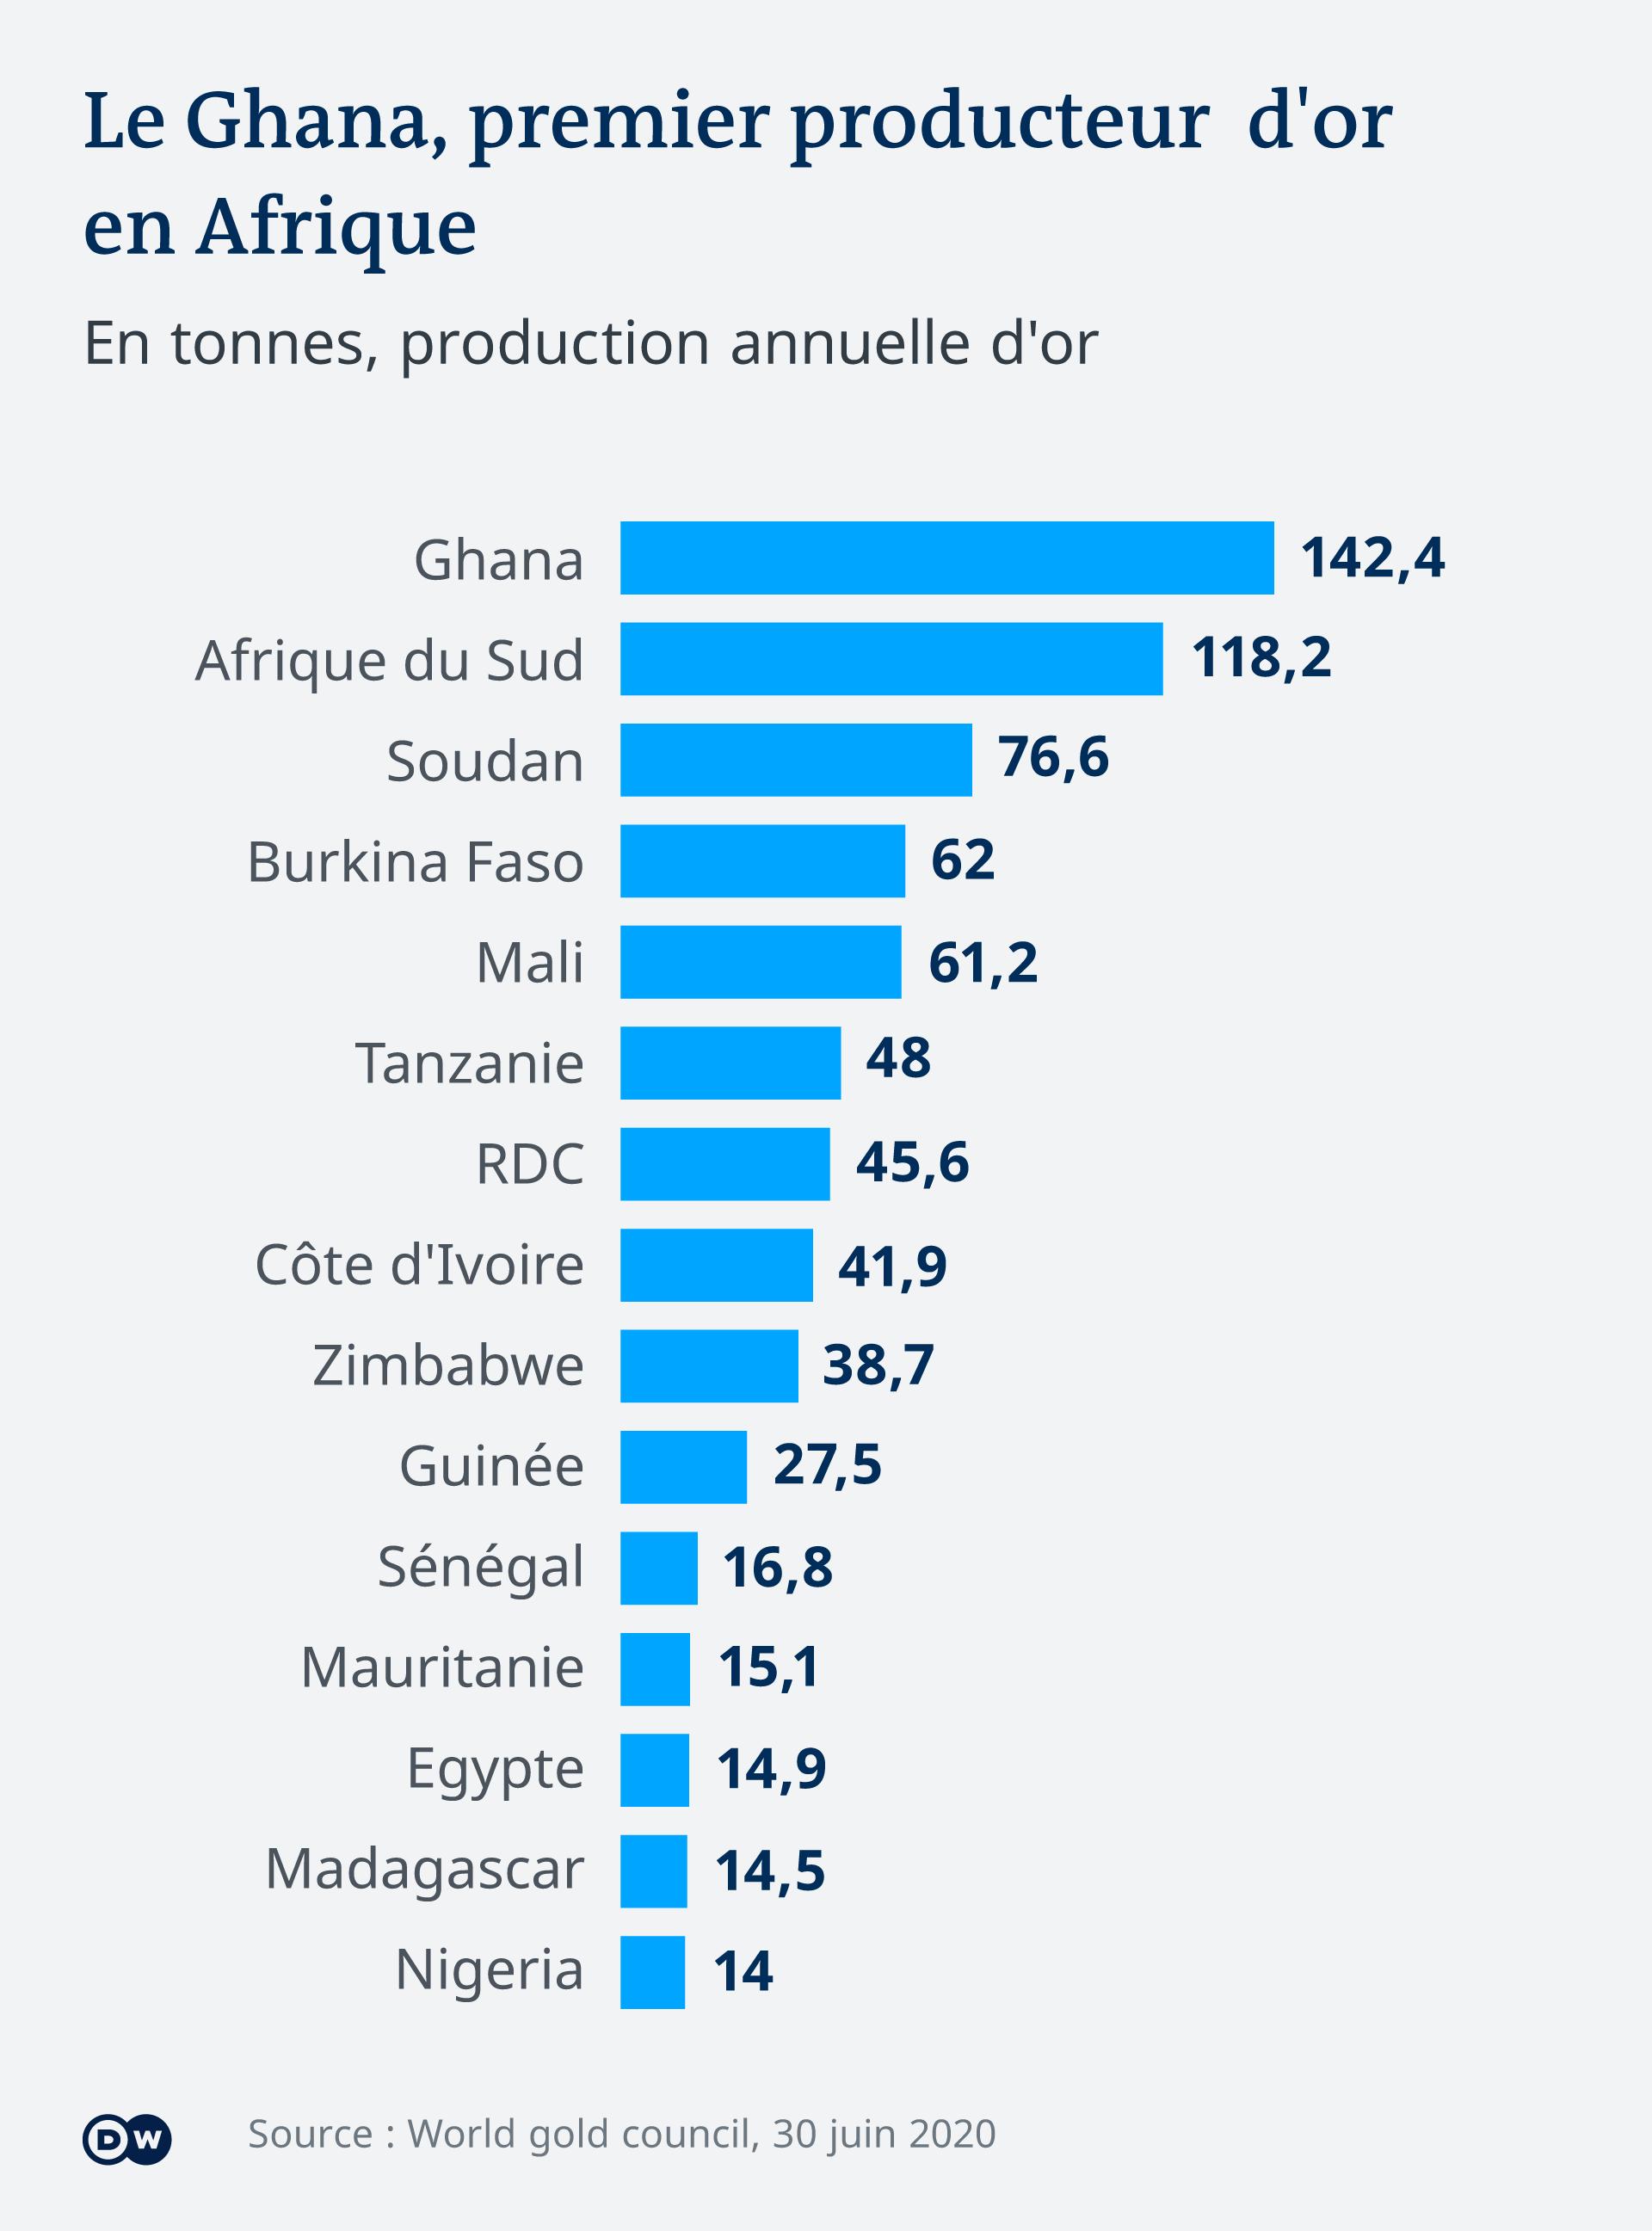 Le cas particulier de la RDC, septième producteur d'or en Afrique.